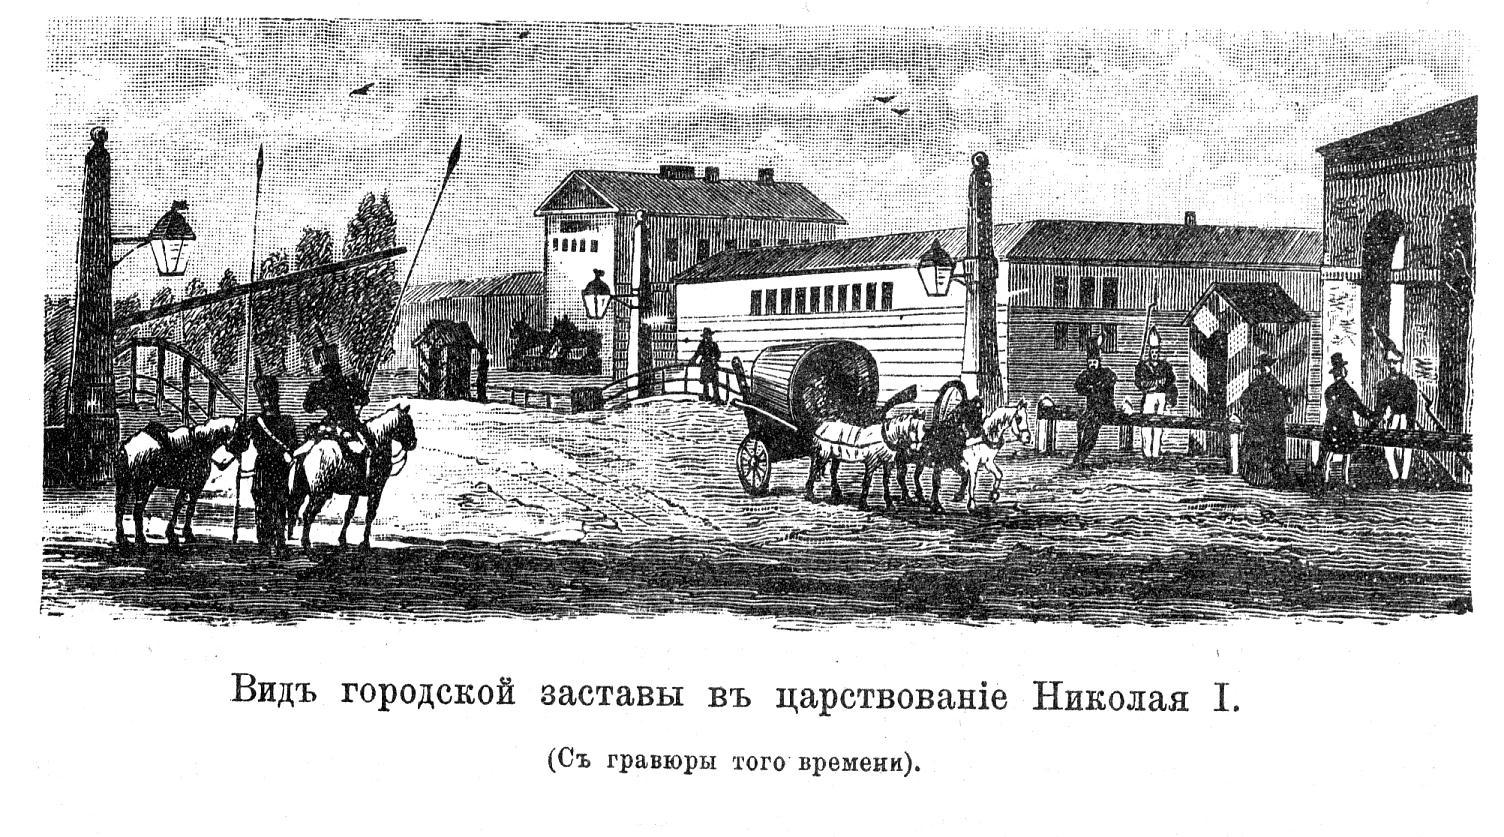 Вид городской заставы